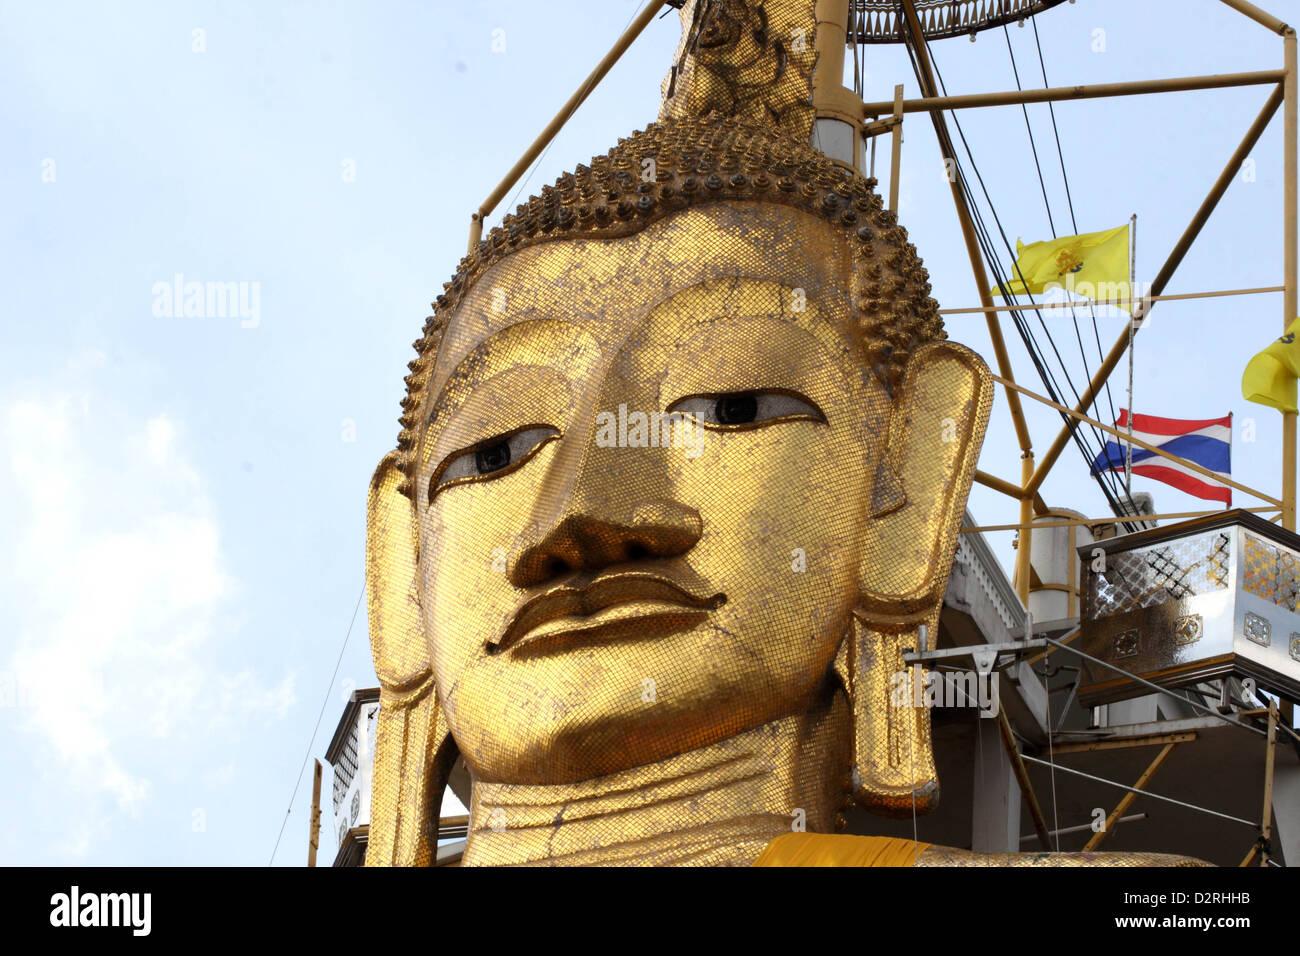 32 metre high gold buddha at Wat Intharawihan, Bangkok, Thailand - Stock Image